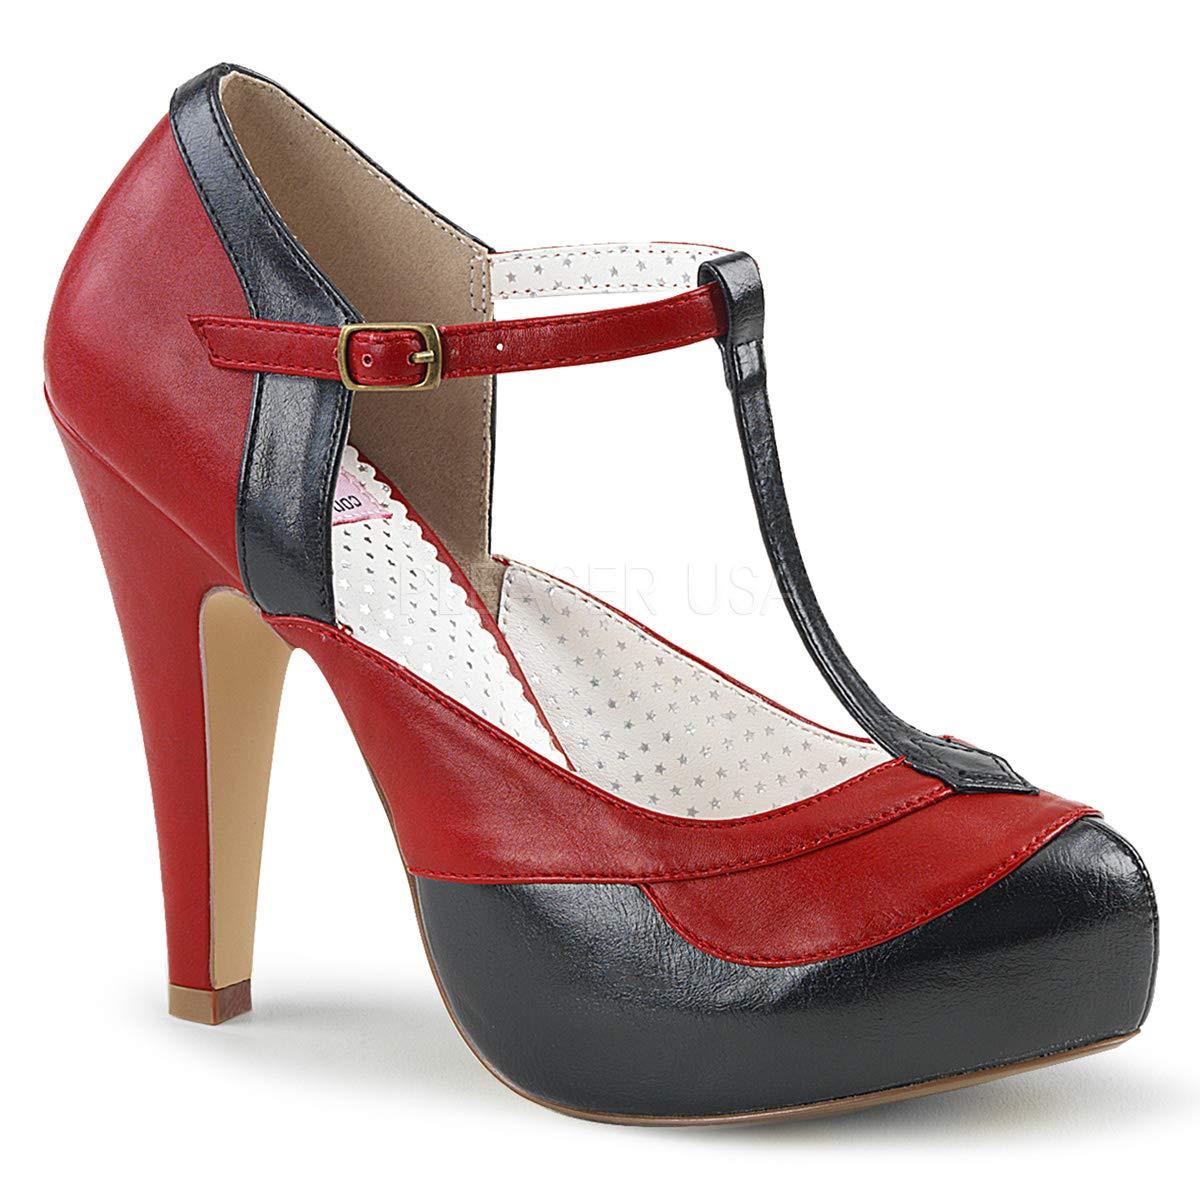 Pinup Retro Couture BETTIE-29 Damen Retro Pinup Pumps schwarz-ROT Faux Leder fec295